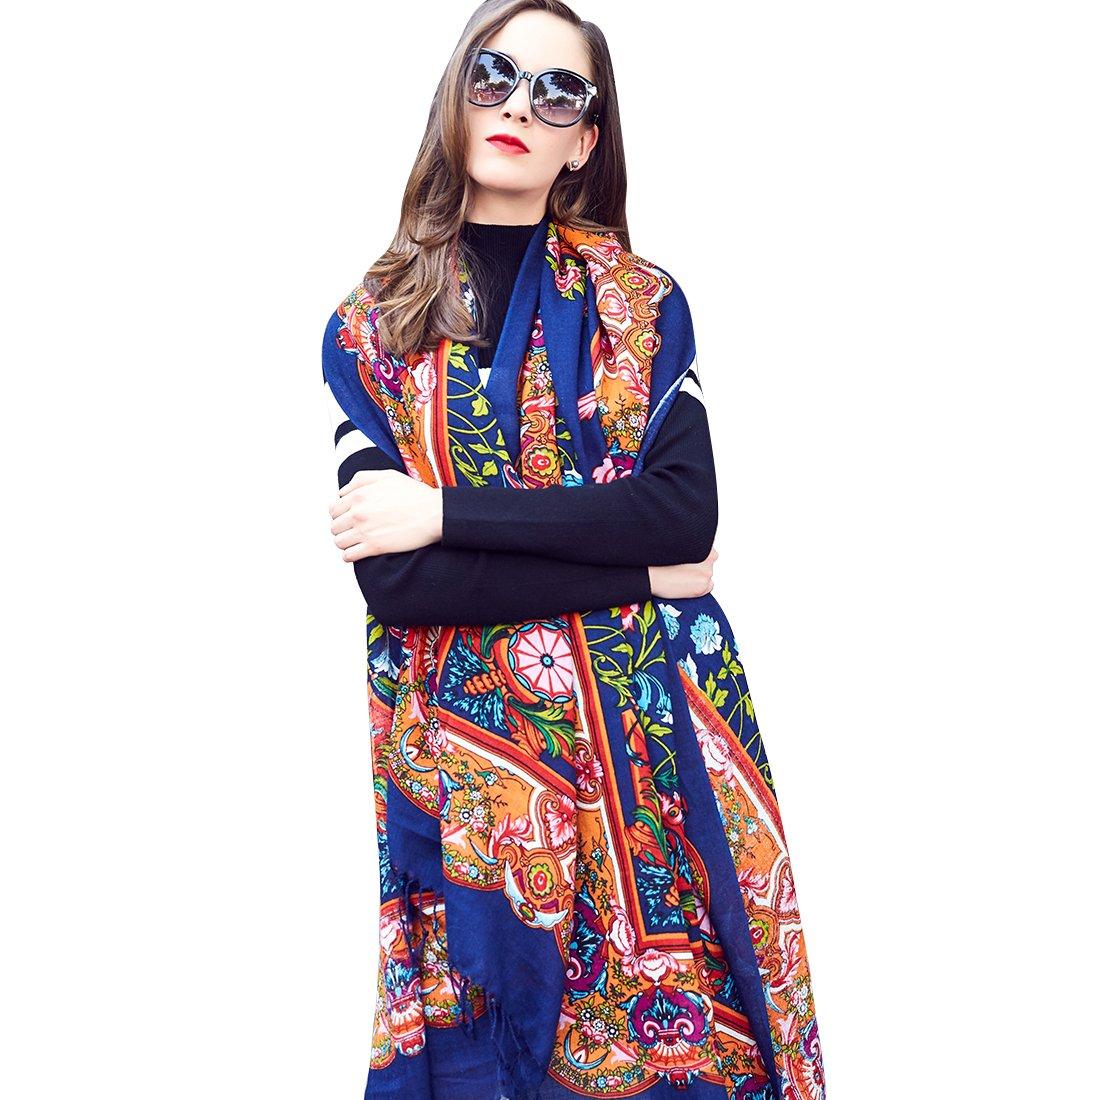 DANA XU 100% Pure Wool Women's Large Traditional Cultural Wear Pashmina Scarf (Navy Blue)